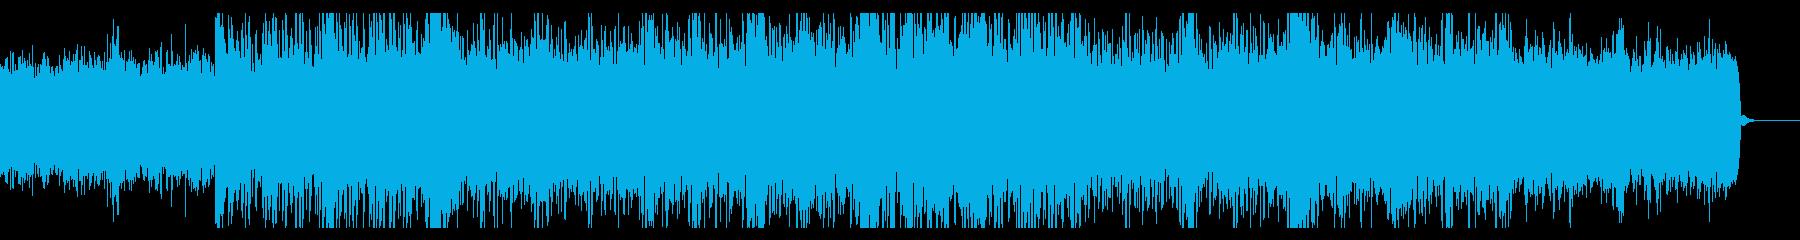 なにか始まりそうなシネマティックBGMの再生済みの波形